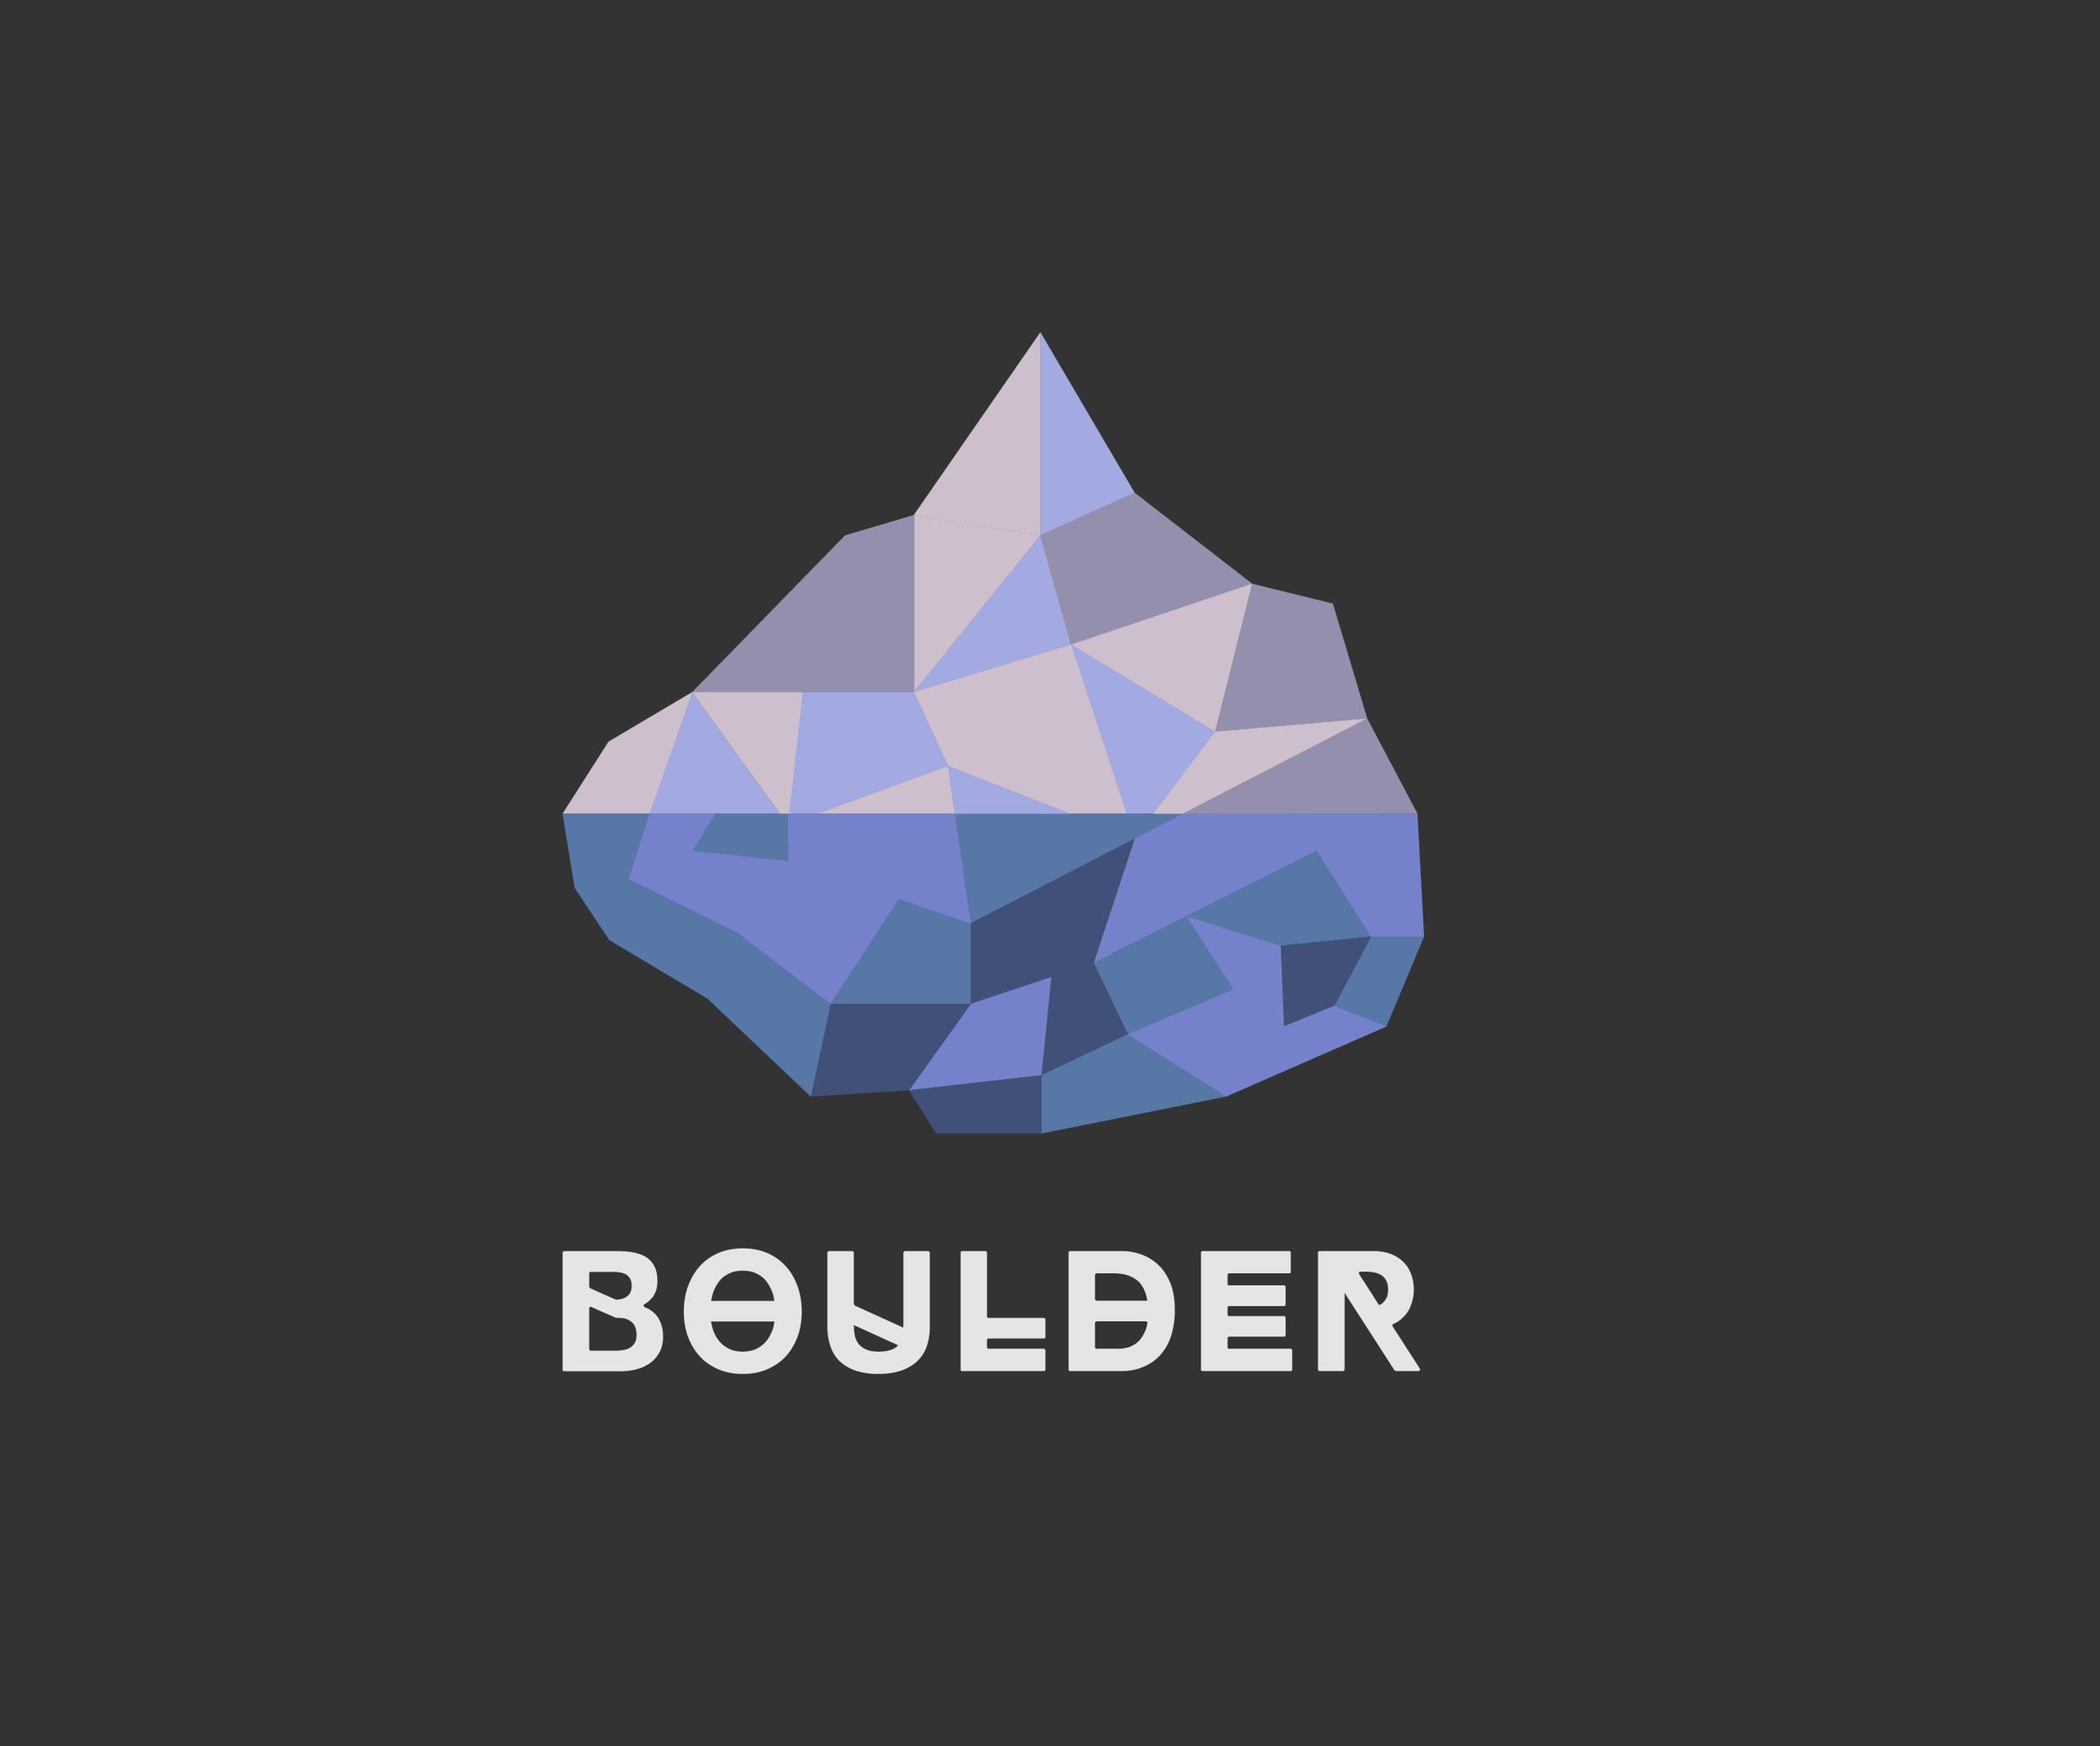 boulder_logo-08.png